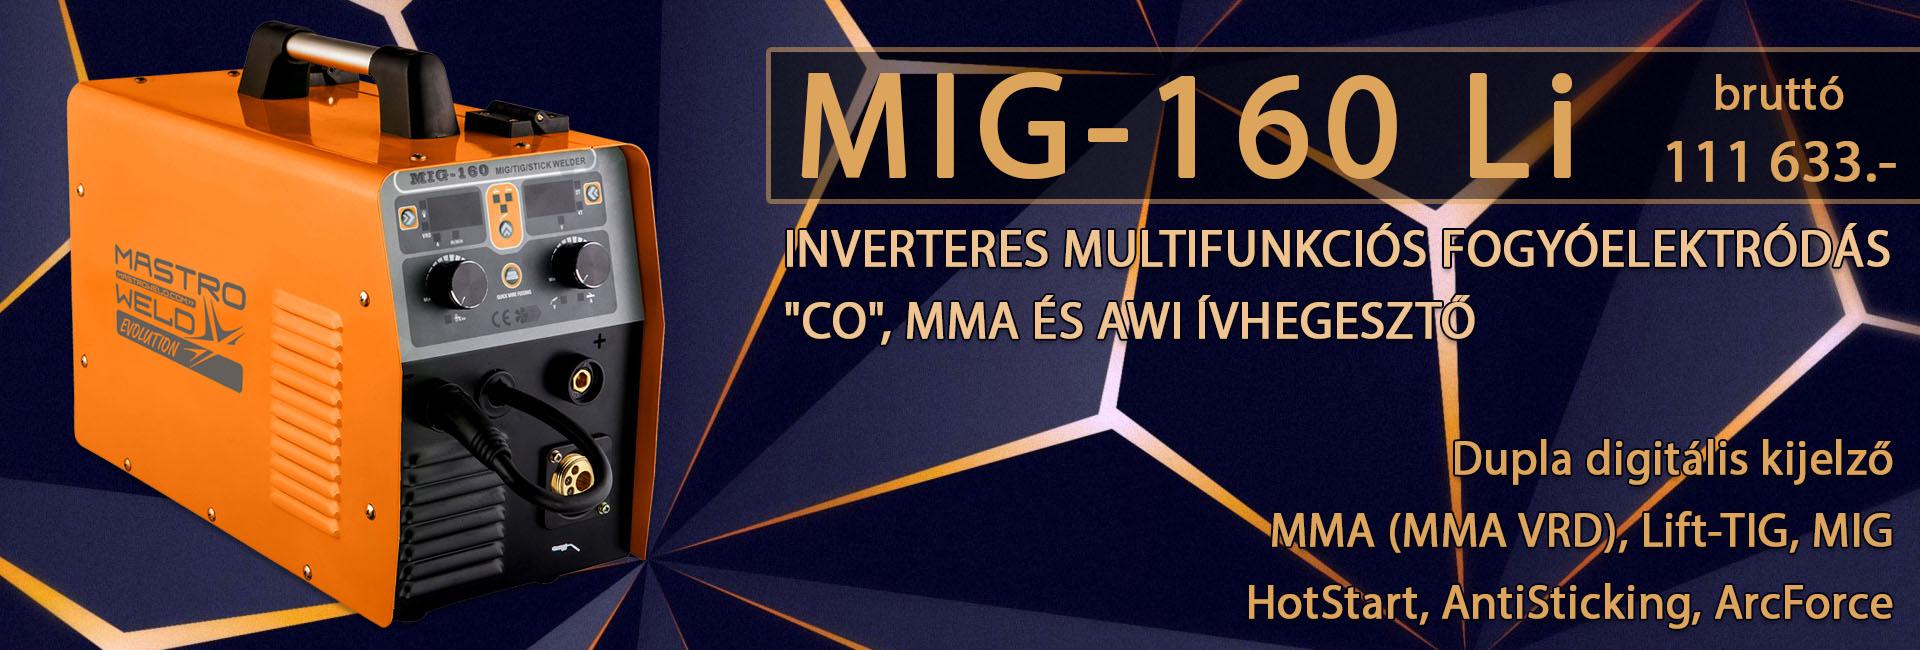 MIG-160 Li